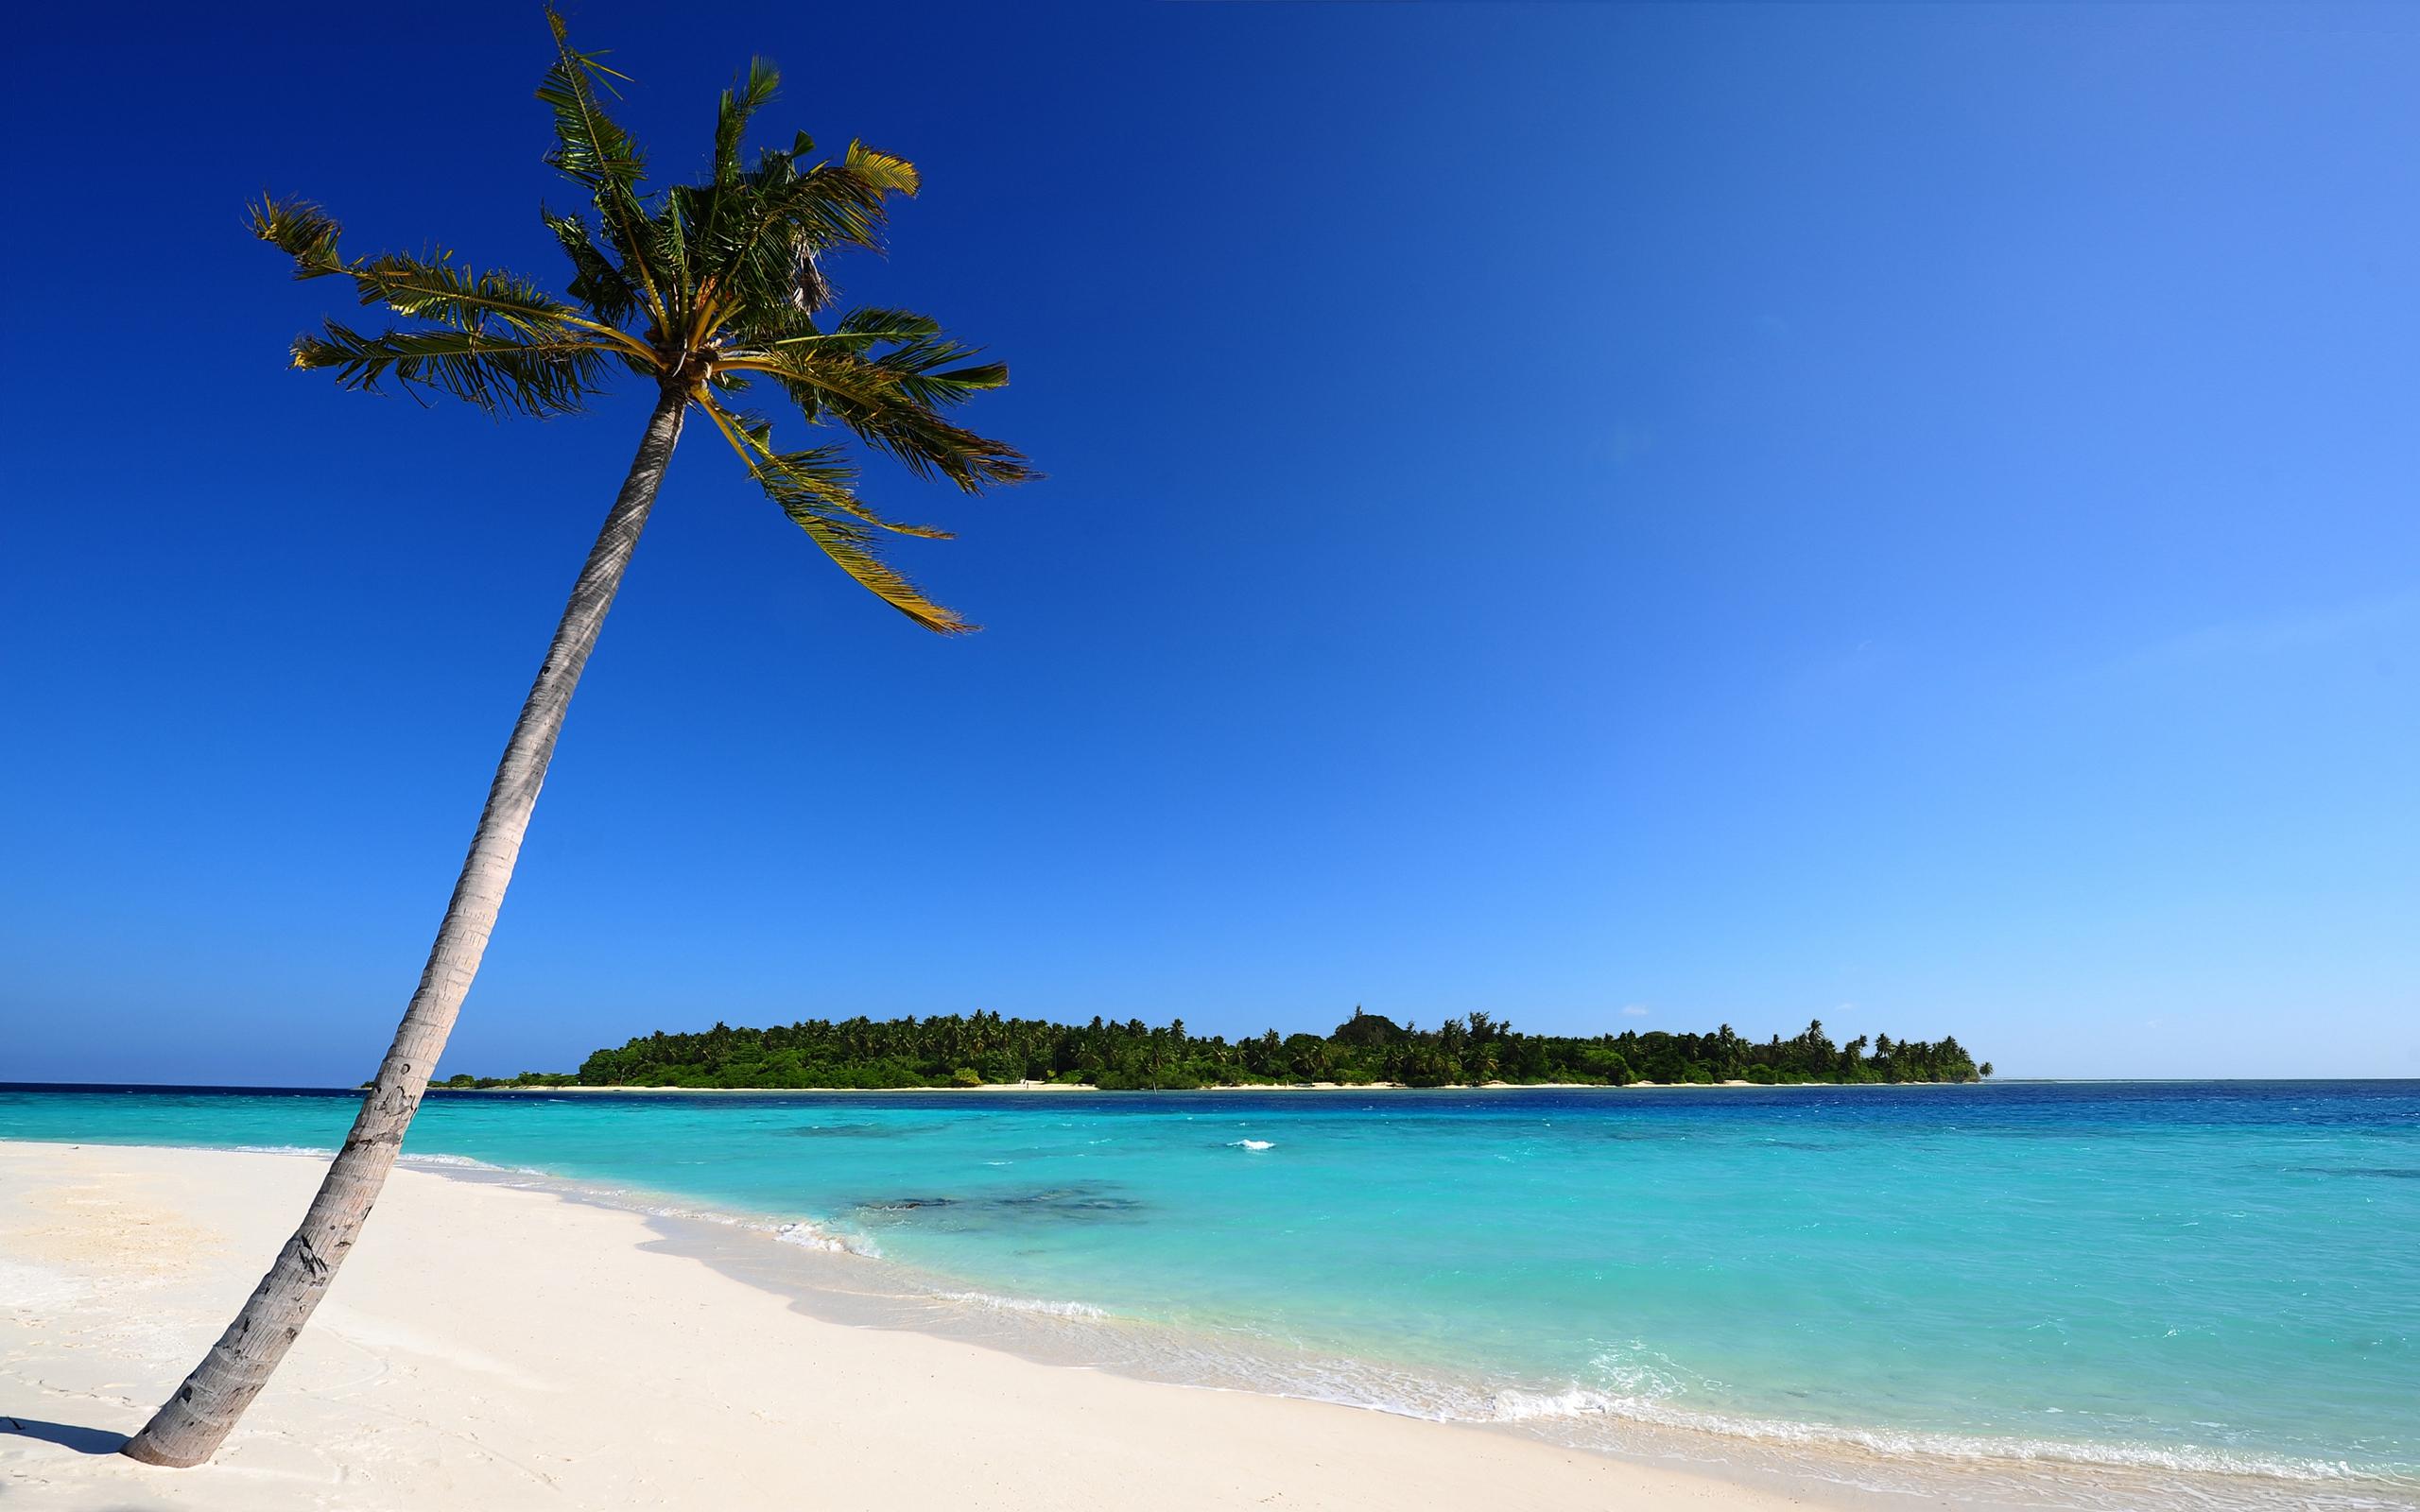 Free Desktop Wallpaper Beach Themes